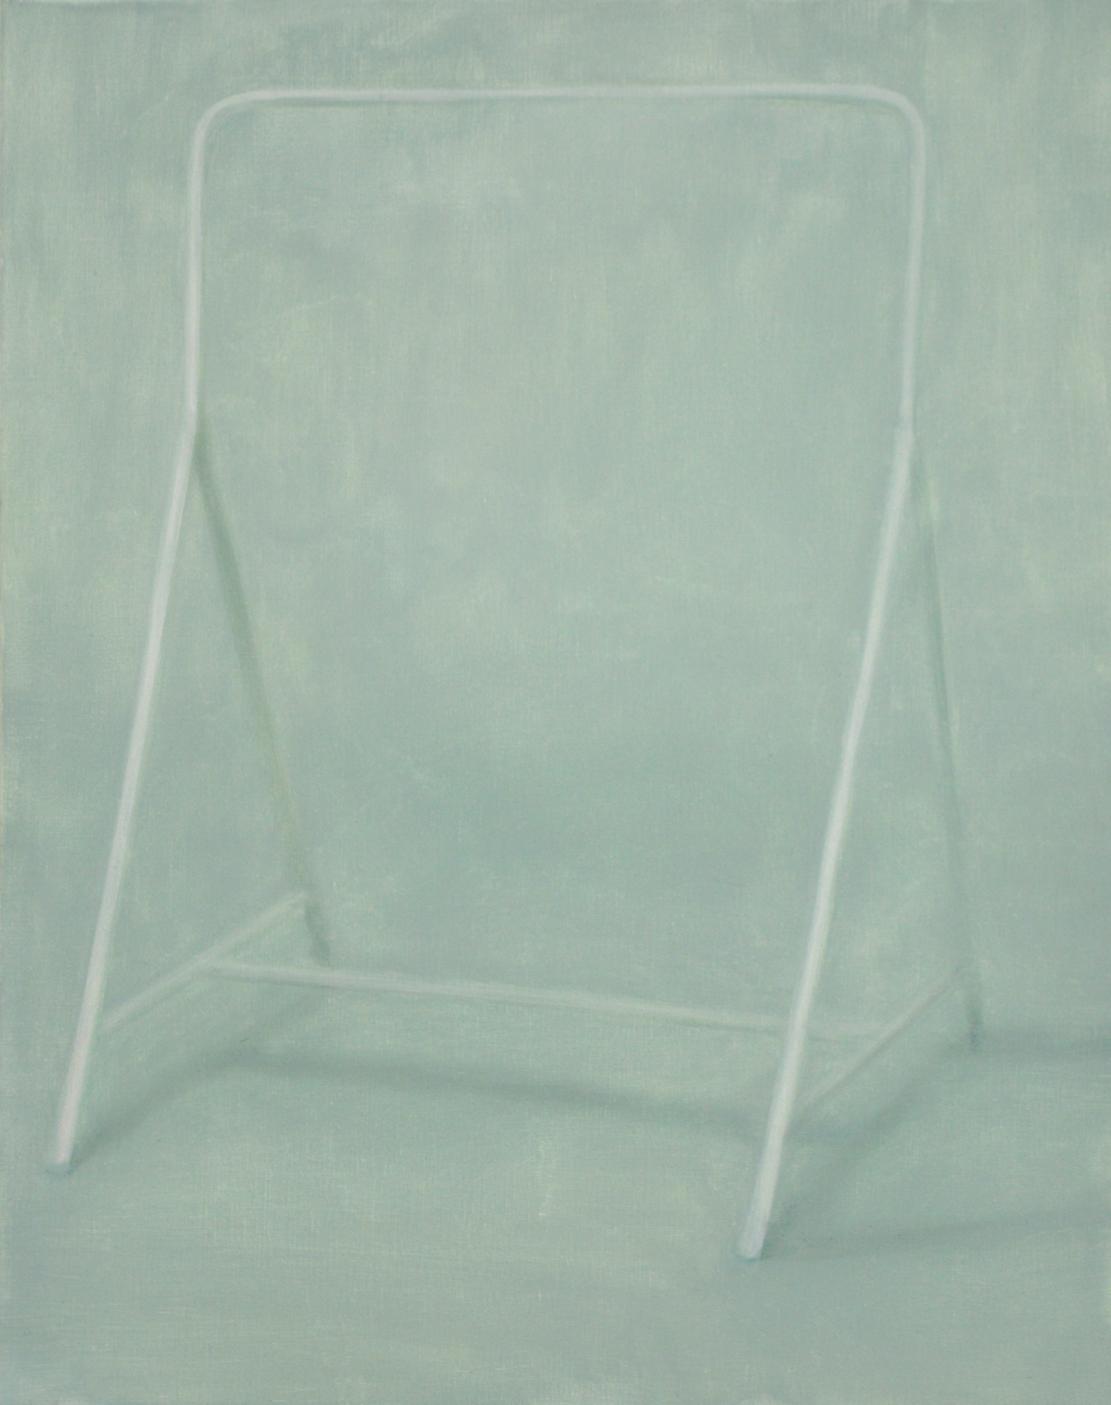 Portant, 2017, 92x73cm, huile sur toile